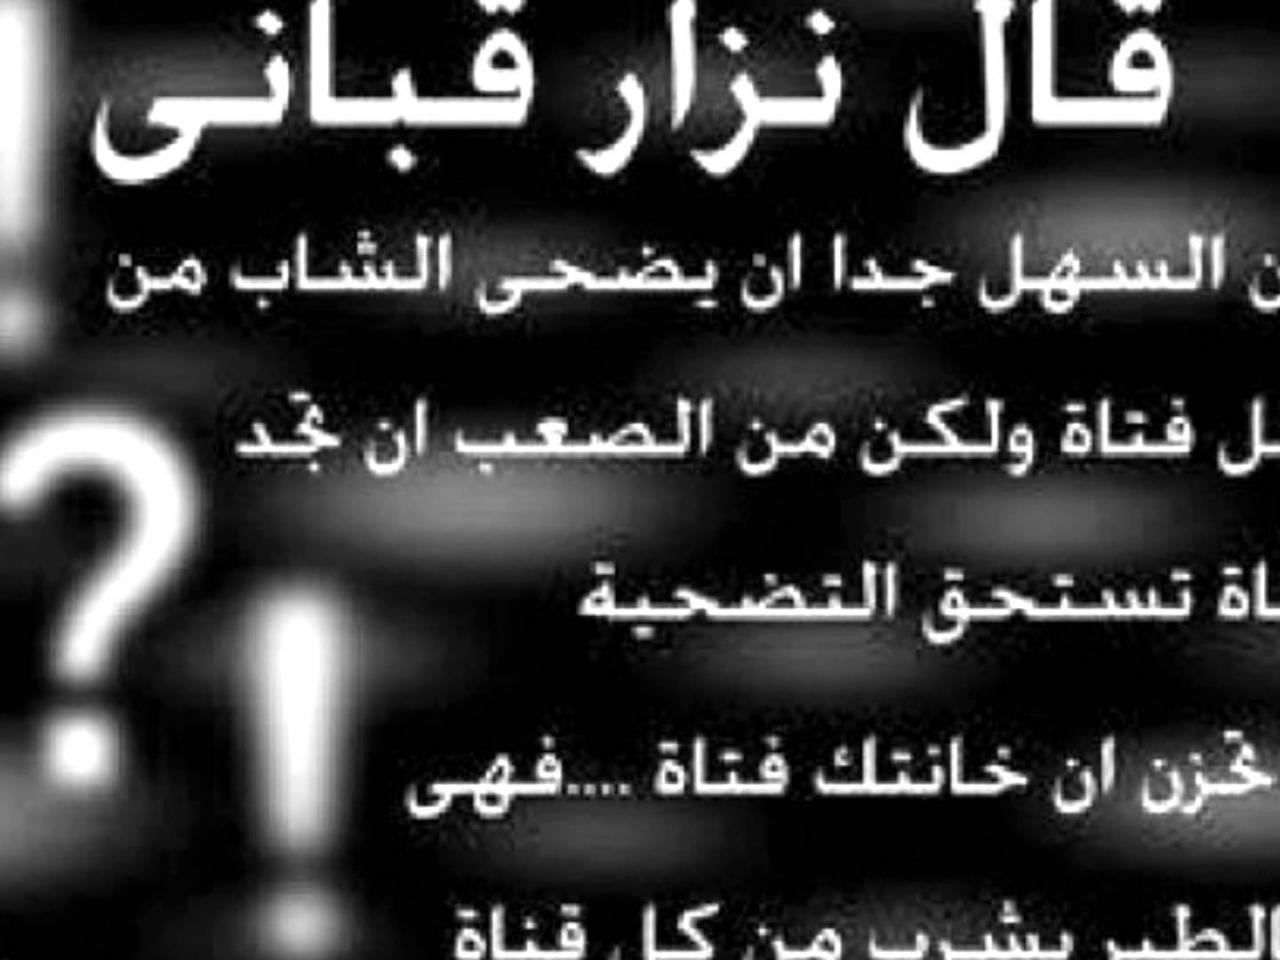 صور عتاب الاصدقاء الاصدقاء و كلمات كثيره عن عتابهم عتاب وزعل